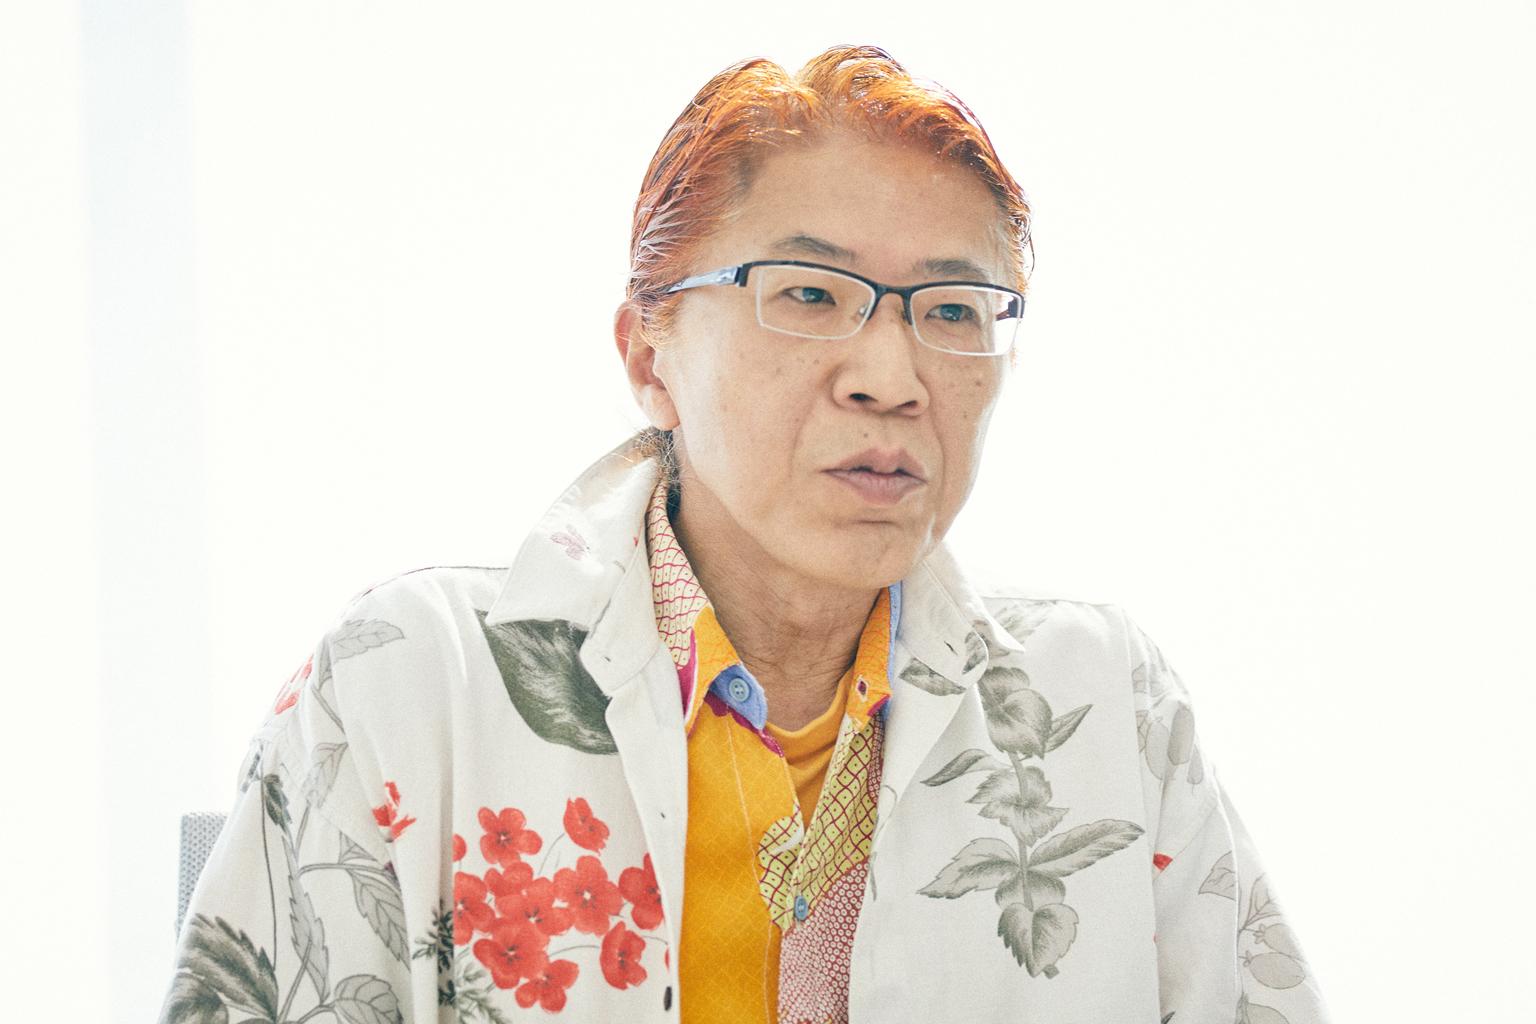 デザインに取り組む心構えを語る11th『シヤチハタ・ニュープロダクト・デザイン・コンペティション』グランプリ清水さん